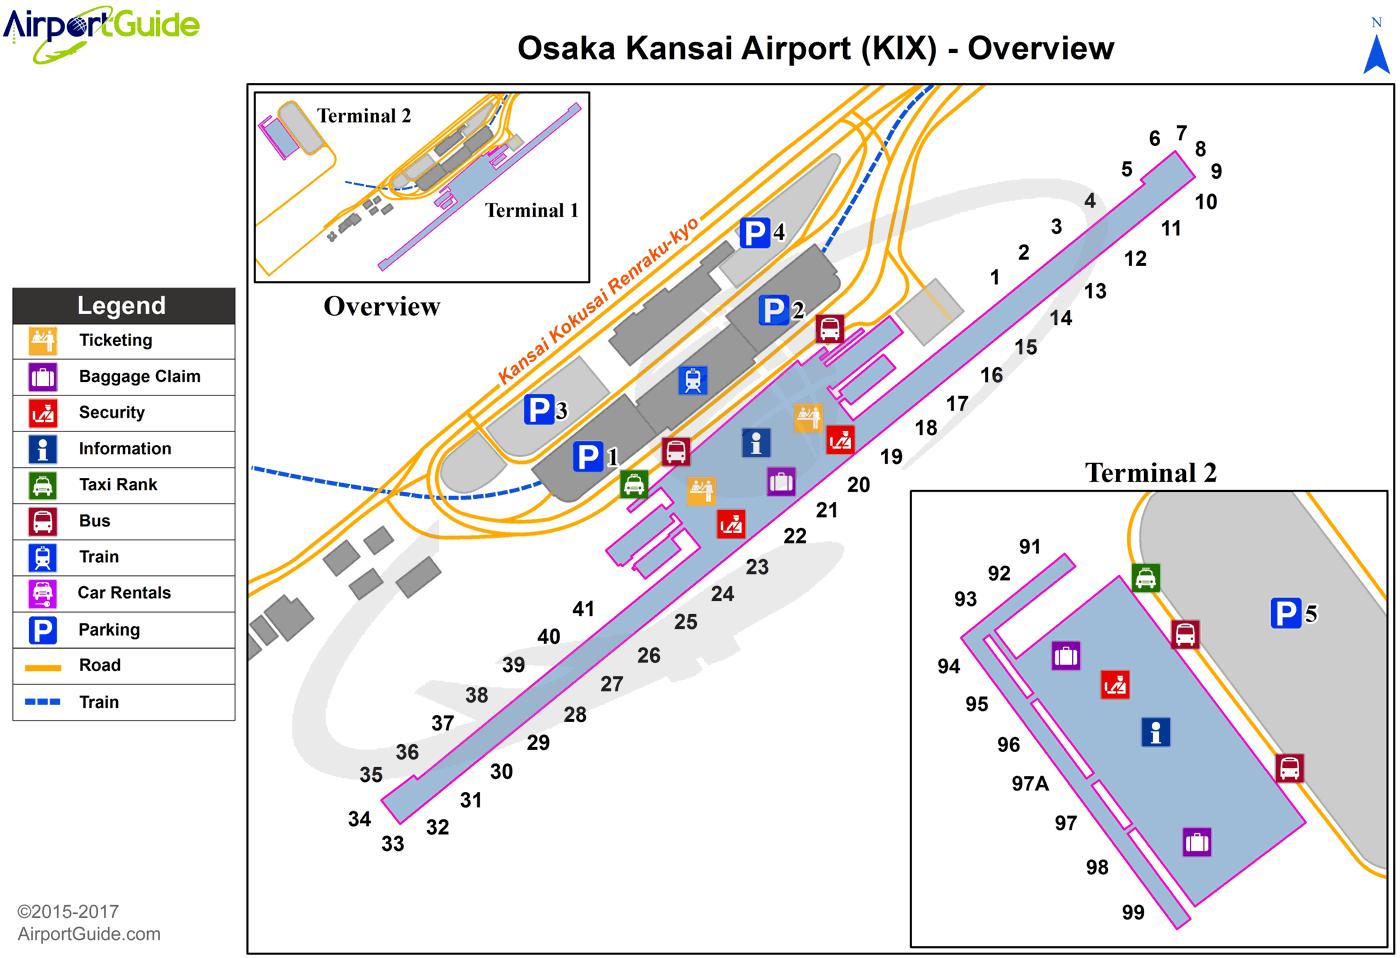 Hotels Near Kix Airport